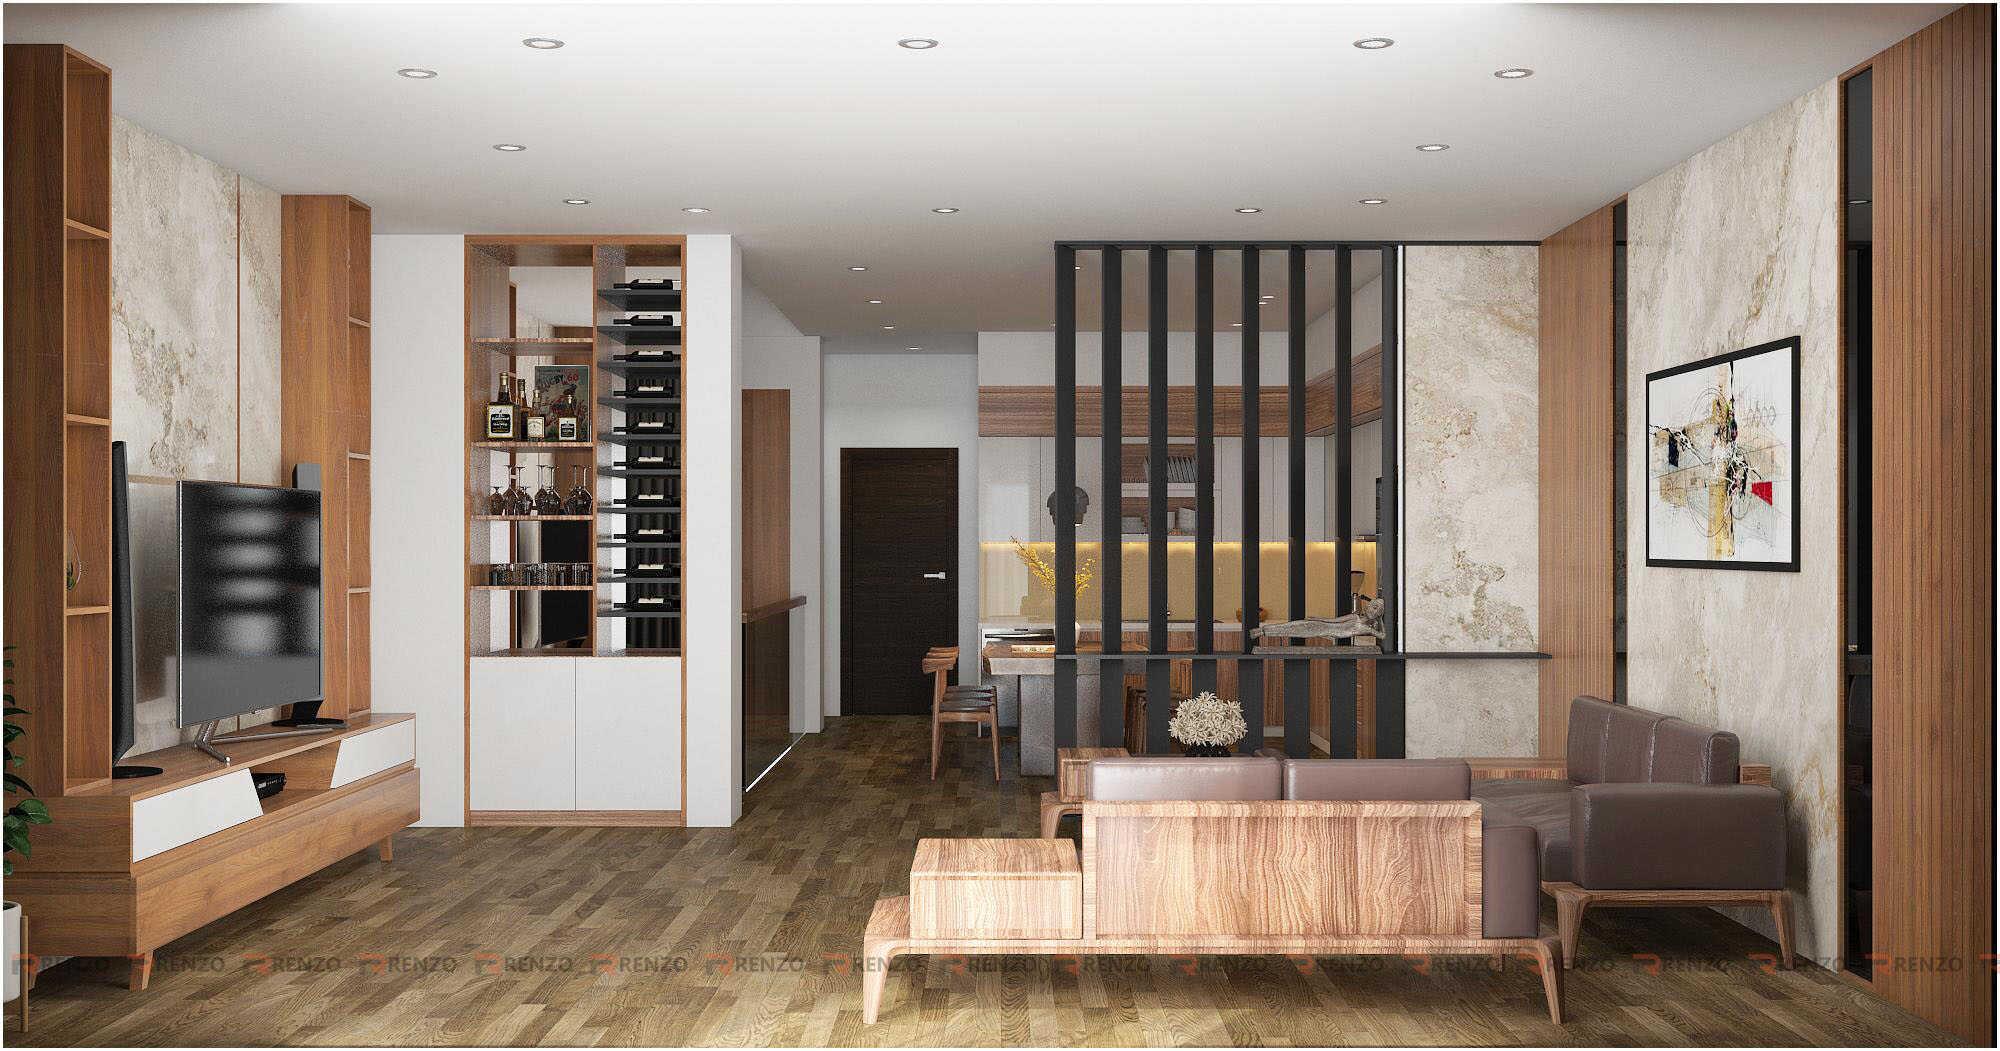 Thiết kế nội thất phong bếp